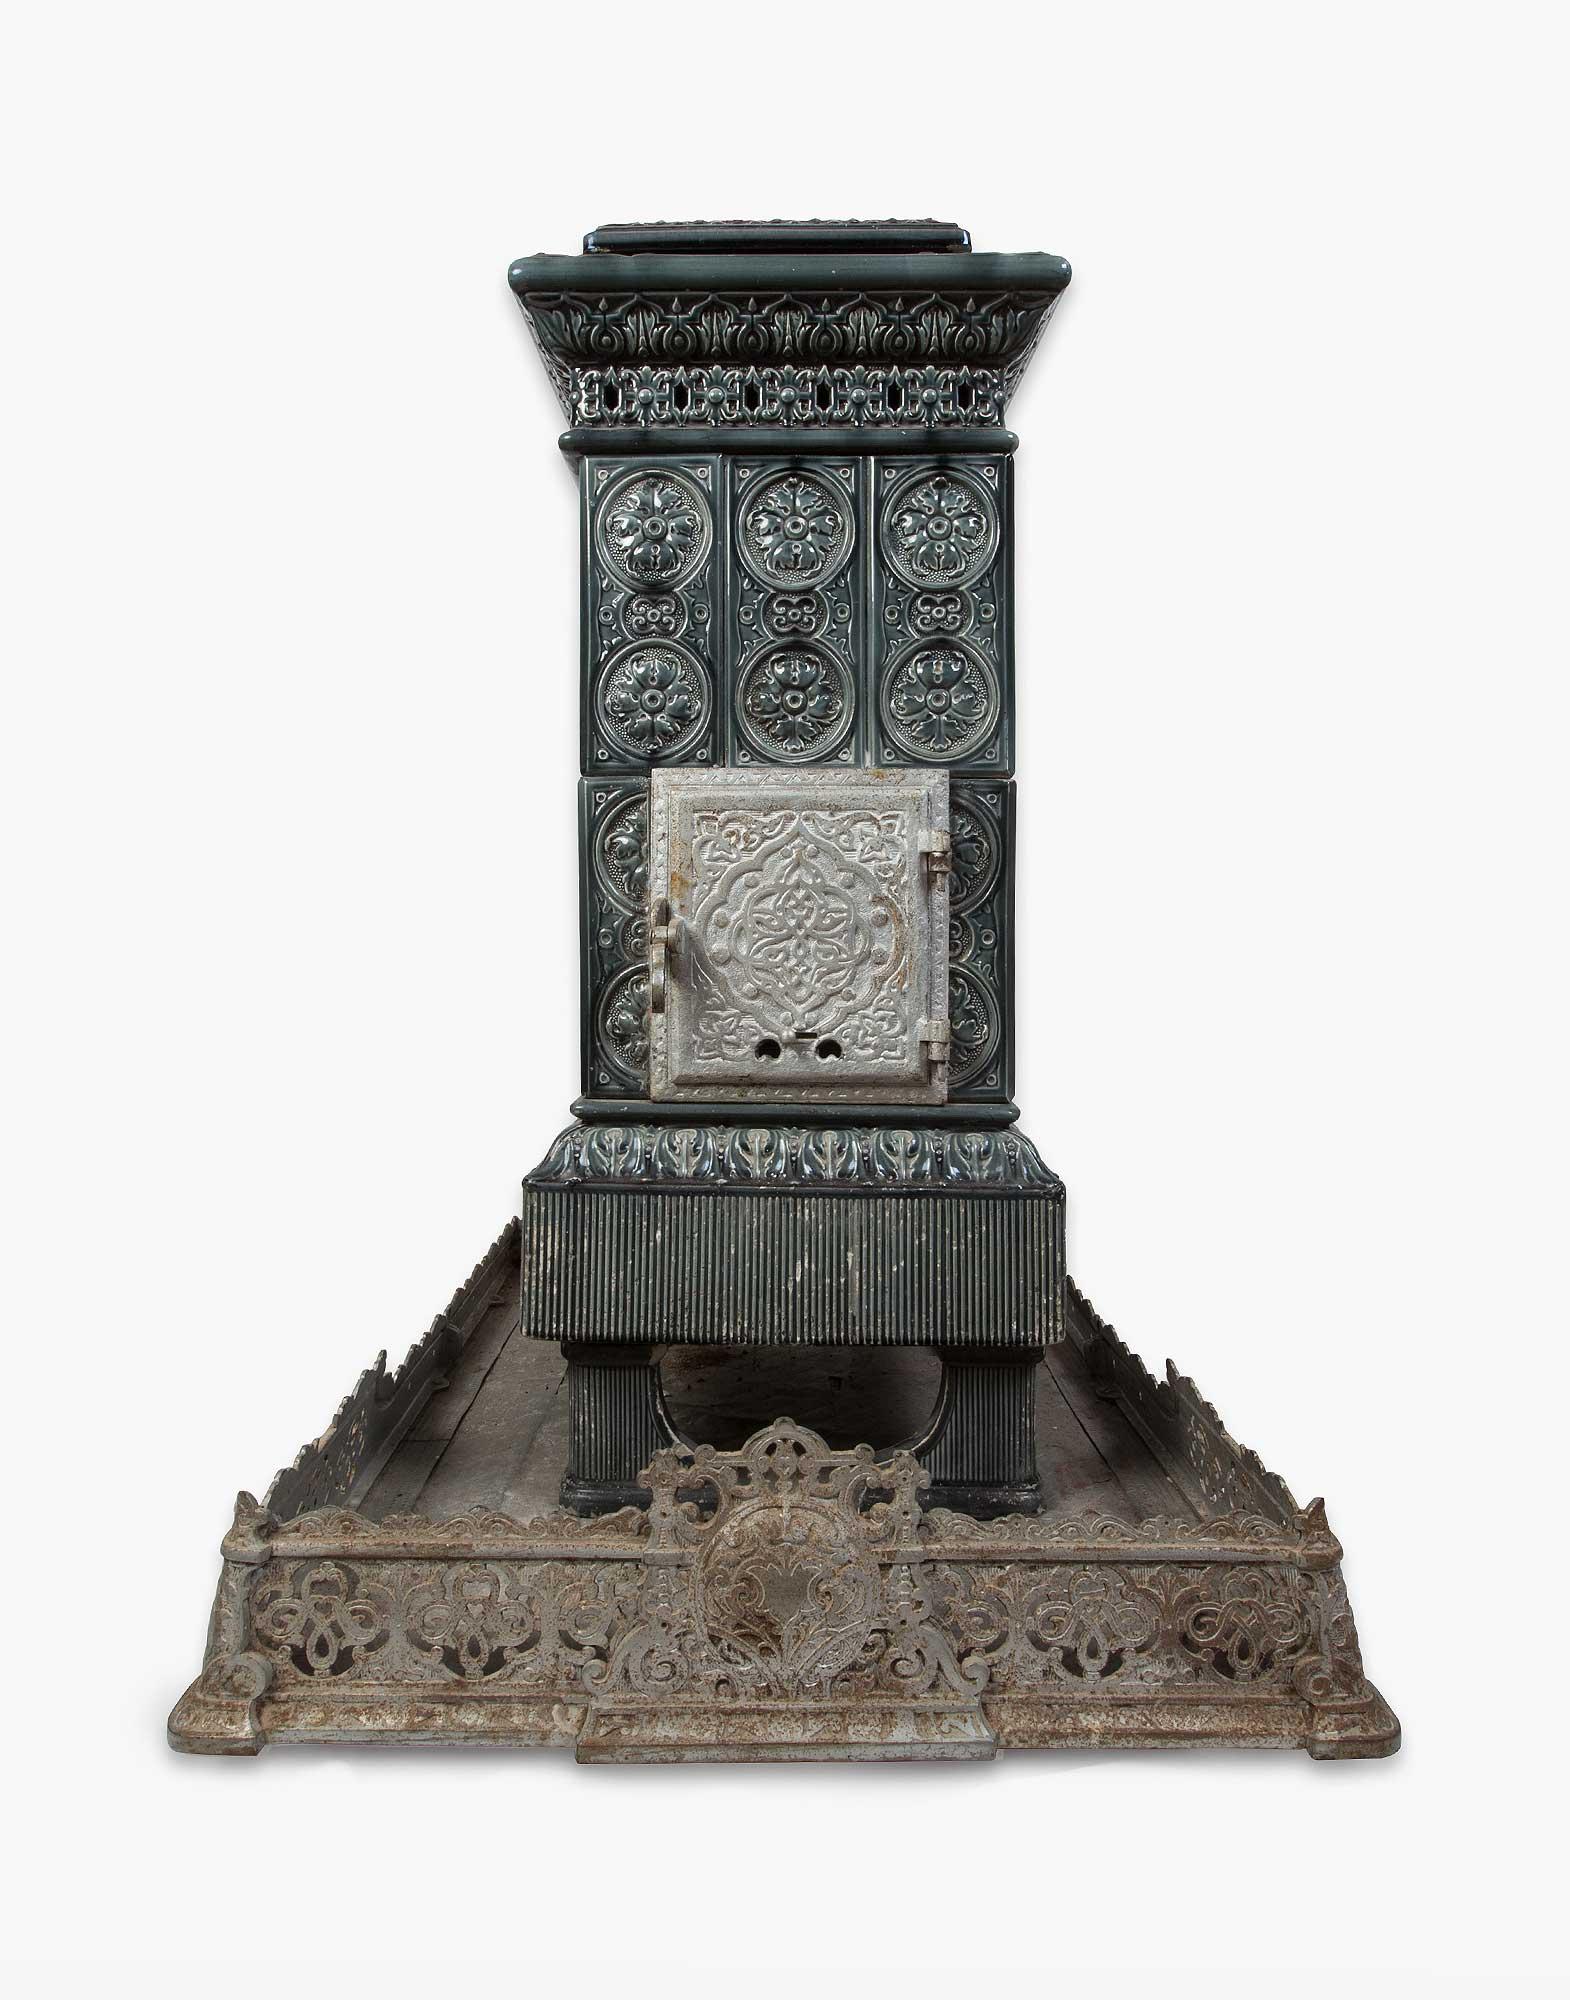 Antique French Ceramic Stove